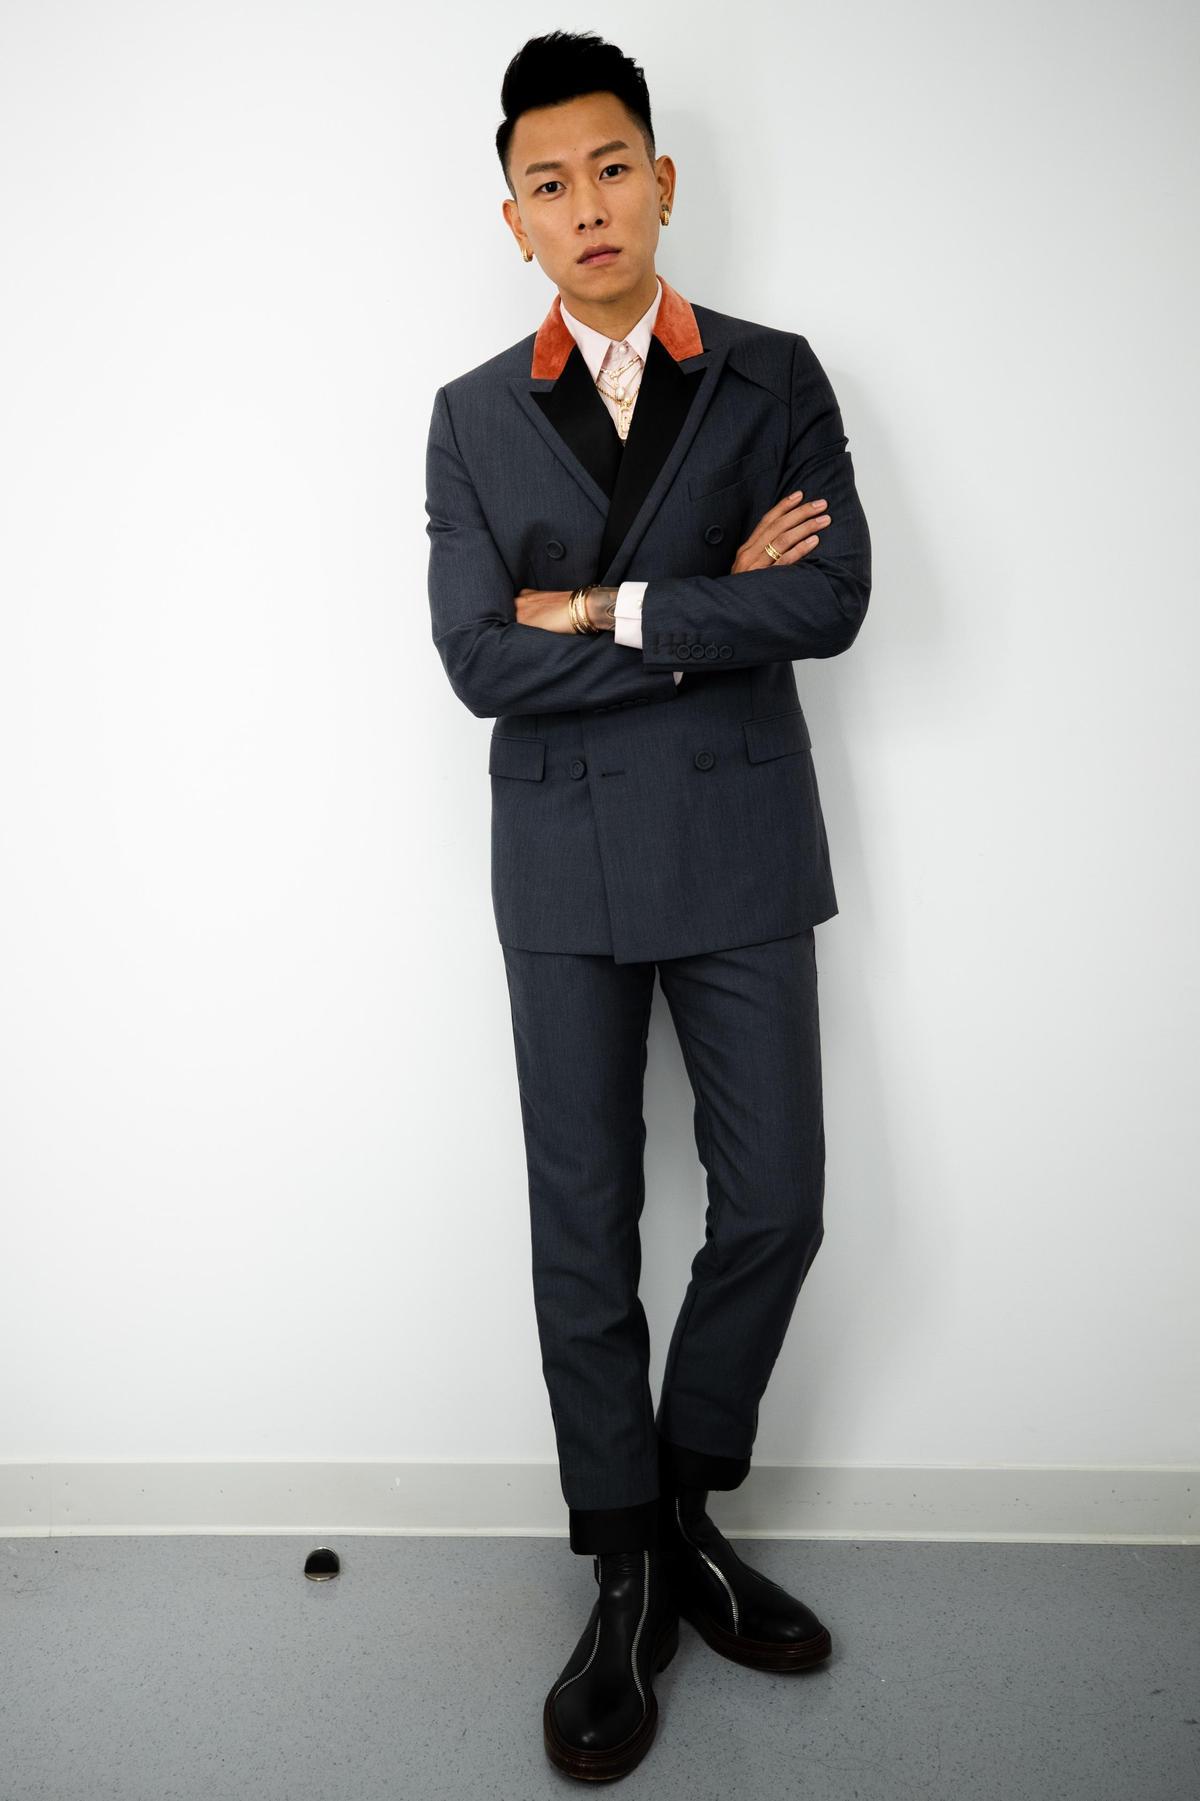 瘦子穿著全套DIOR 2020年冬季男裝系列擔任金曲獎表演嘉賓︰灰色雙排釦與橘色絲絨劍領夾克(NT$130,000)、灰色包扣長褲(NT$45,000)、淡粉色棉府綢襯衫(NT$35,000)、黑色小牛皮亮棕色繫帶踝靴(NT$66,000)。(DIOR提供)